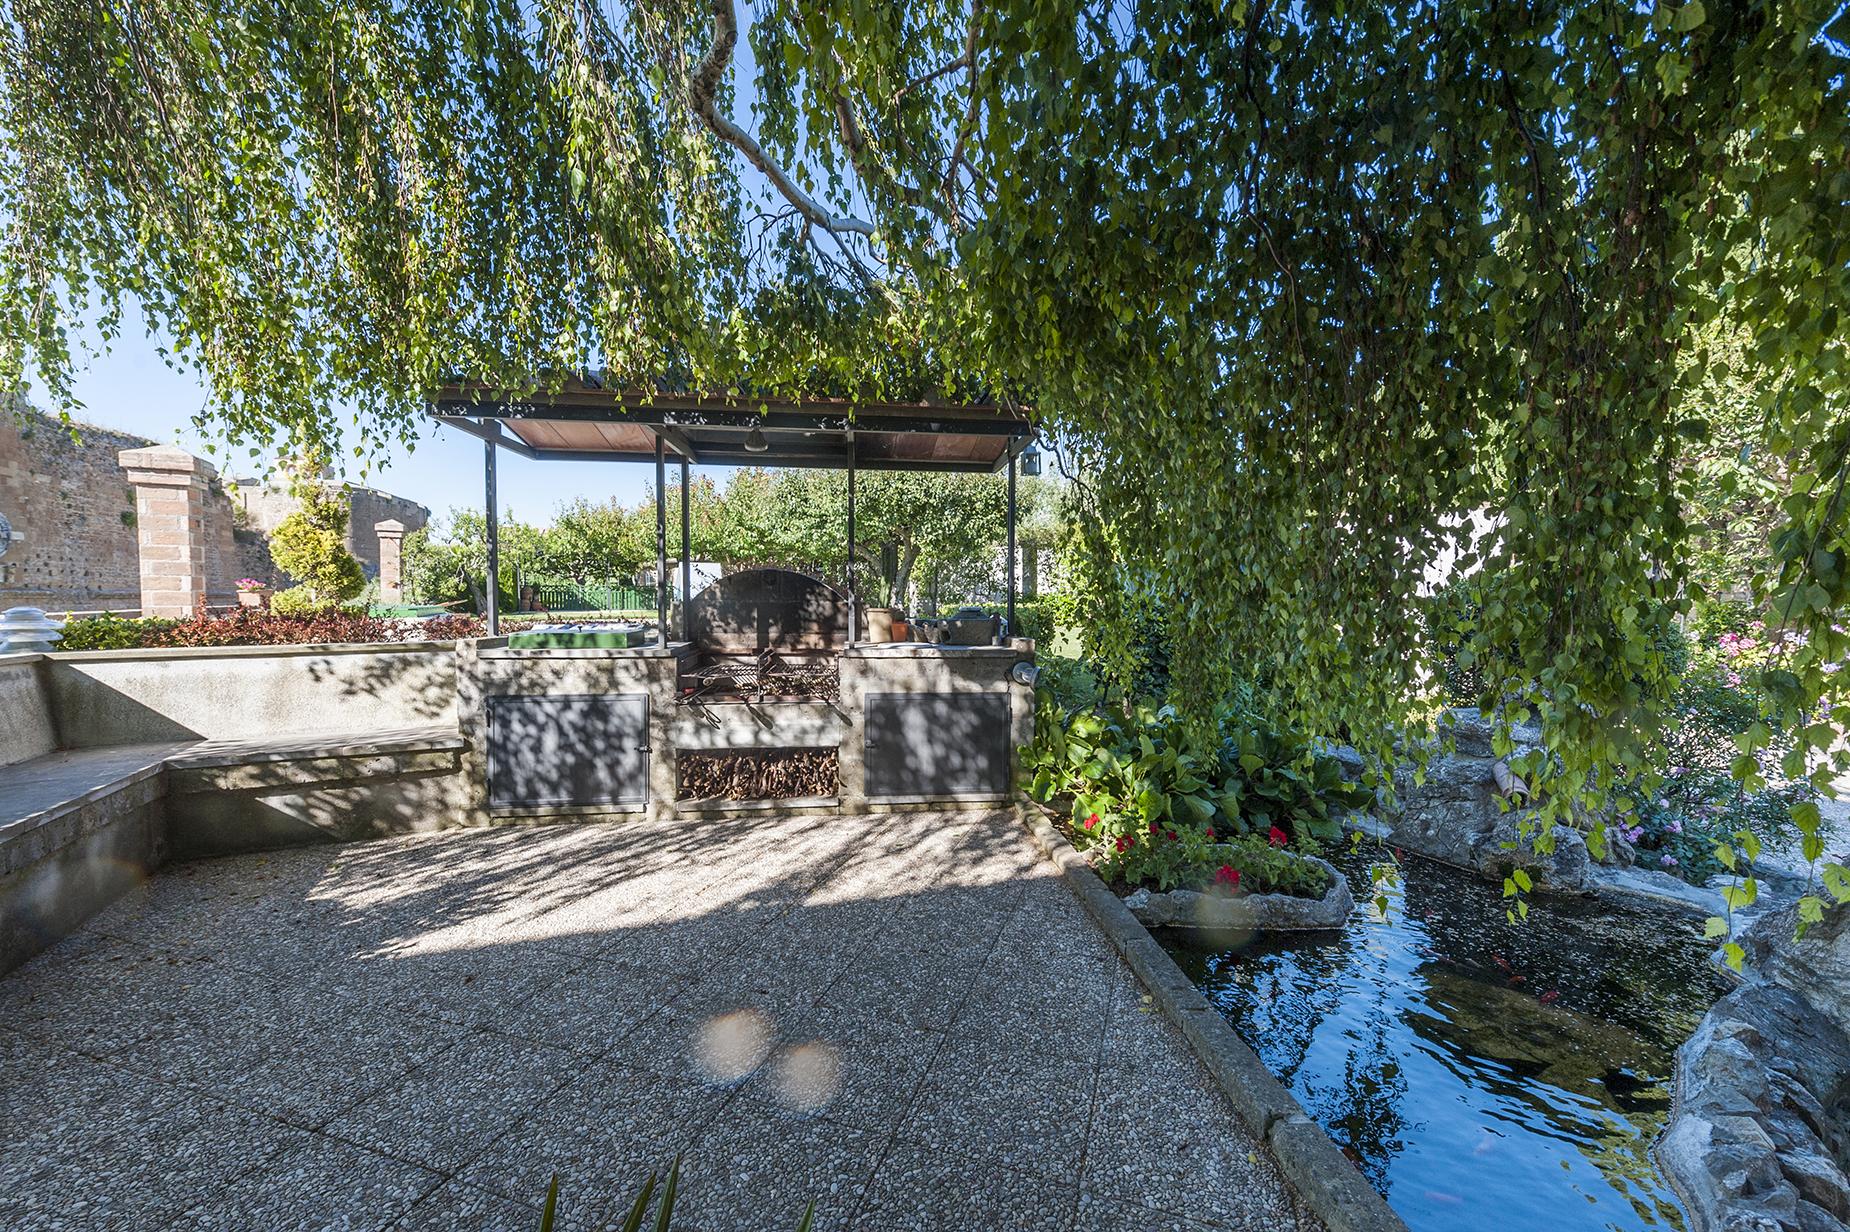 Casa indipendente in Vendita a Sorano: 5 locali, 230 mq - Foto 13